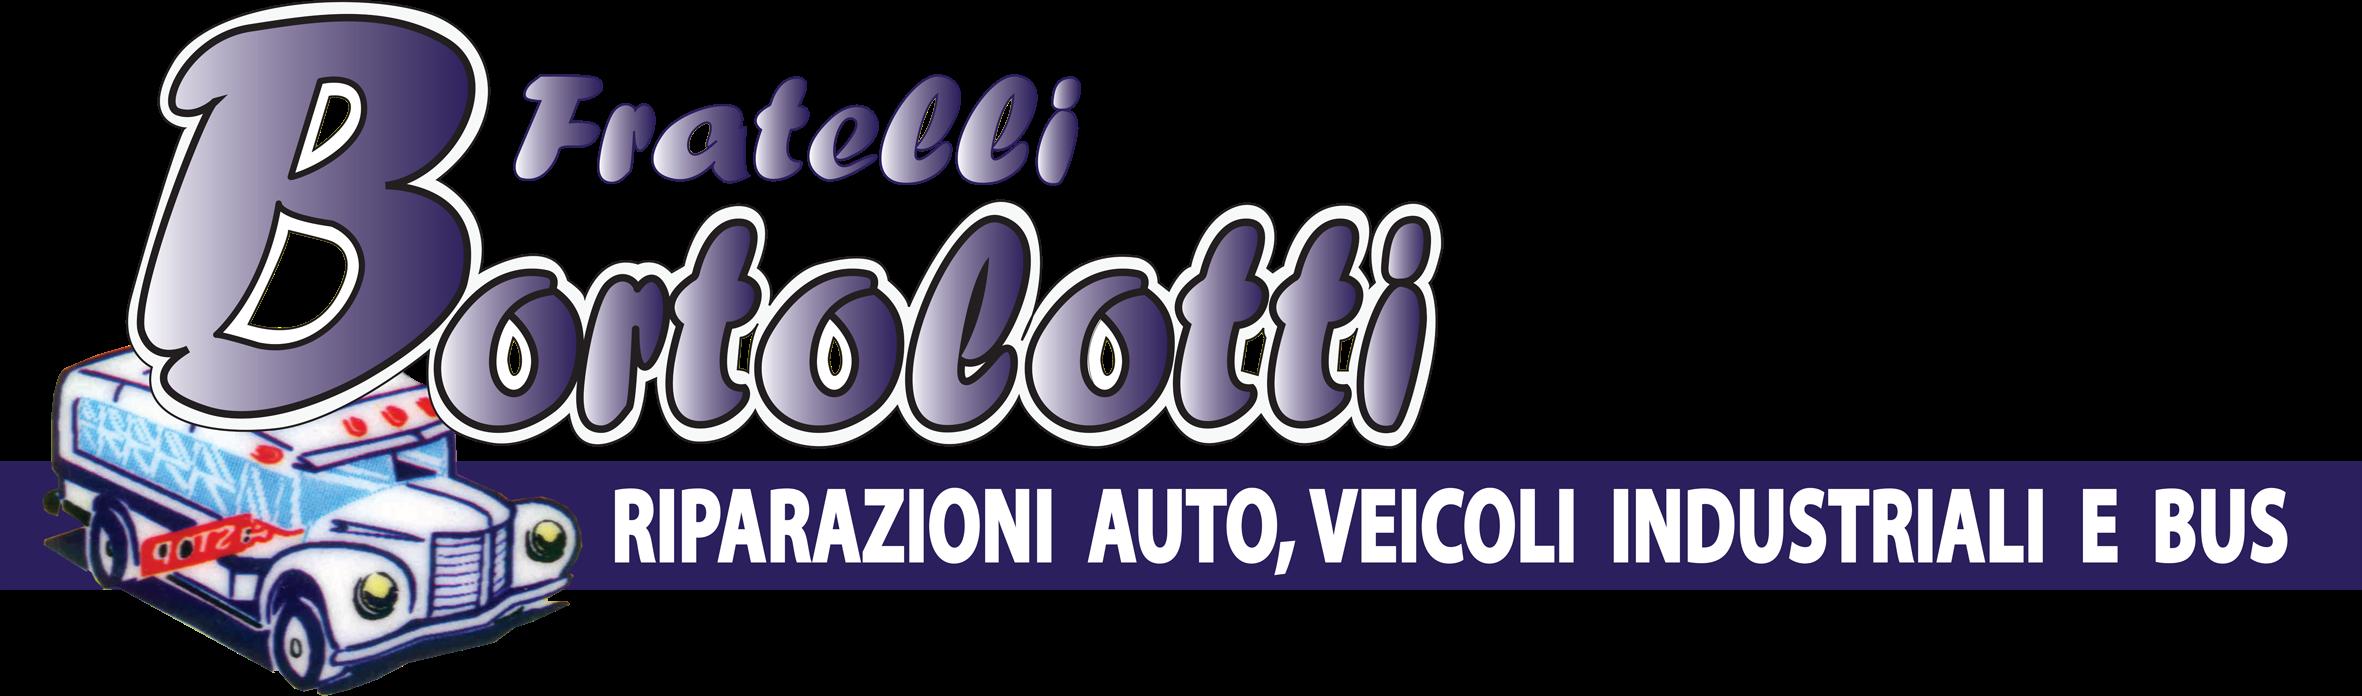 Riparazioni auto e veicoli industriali